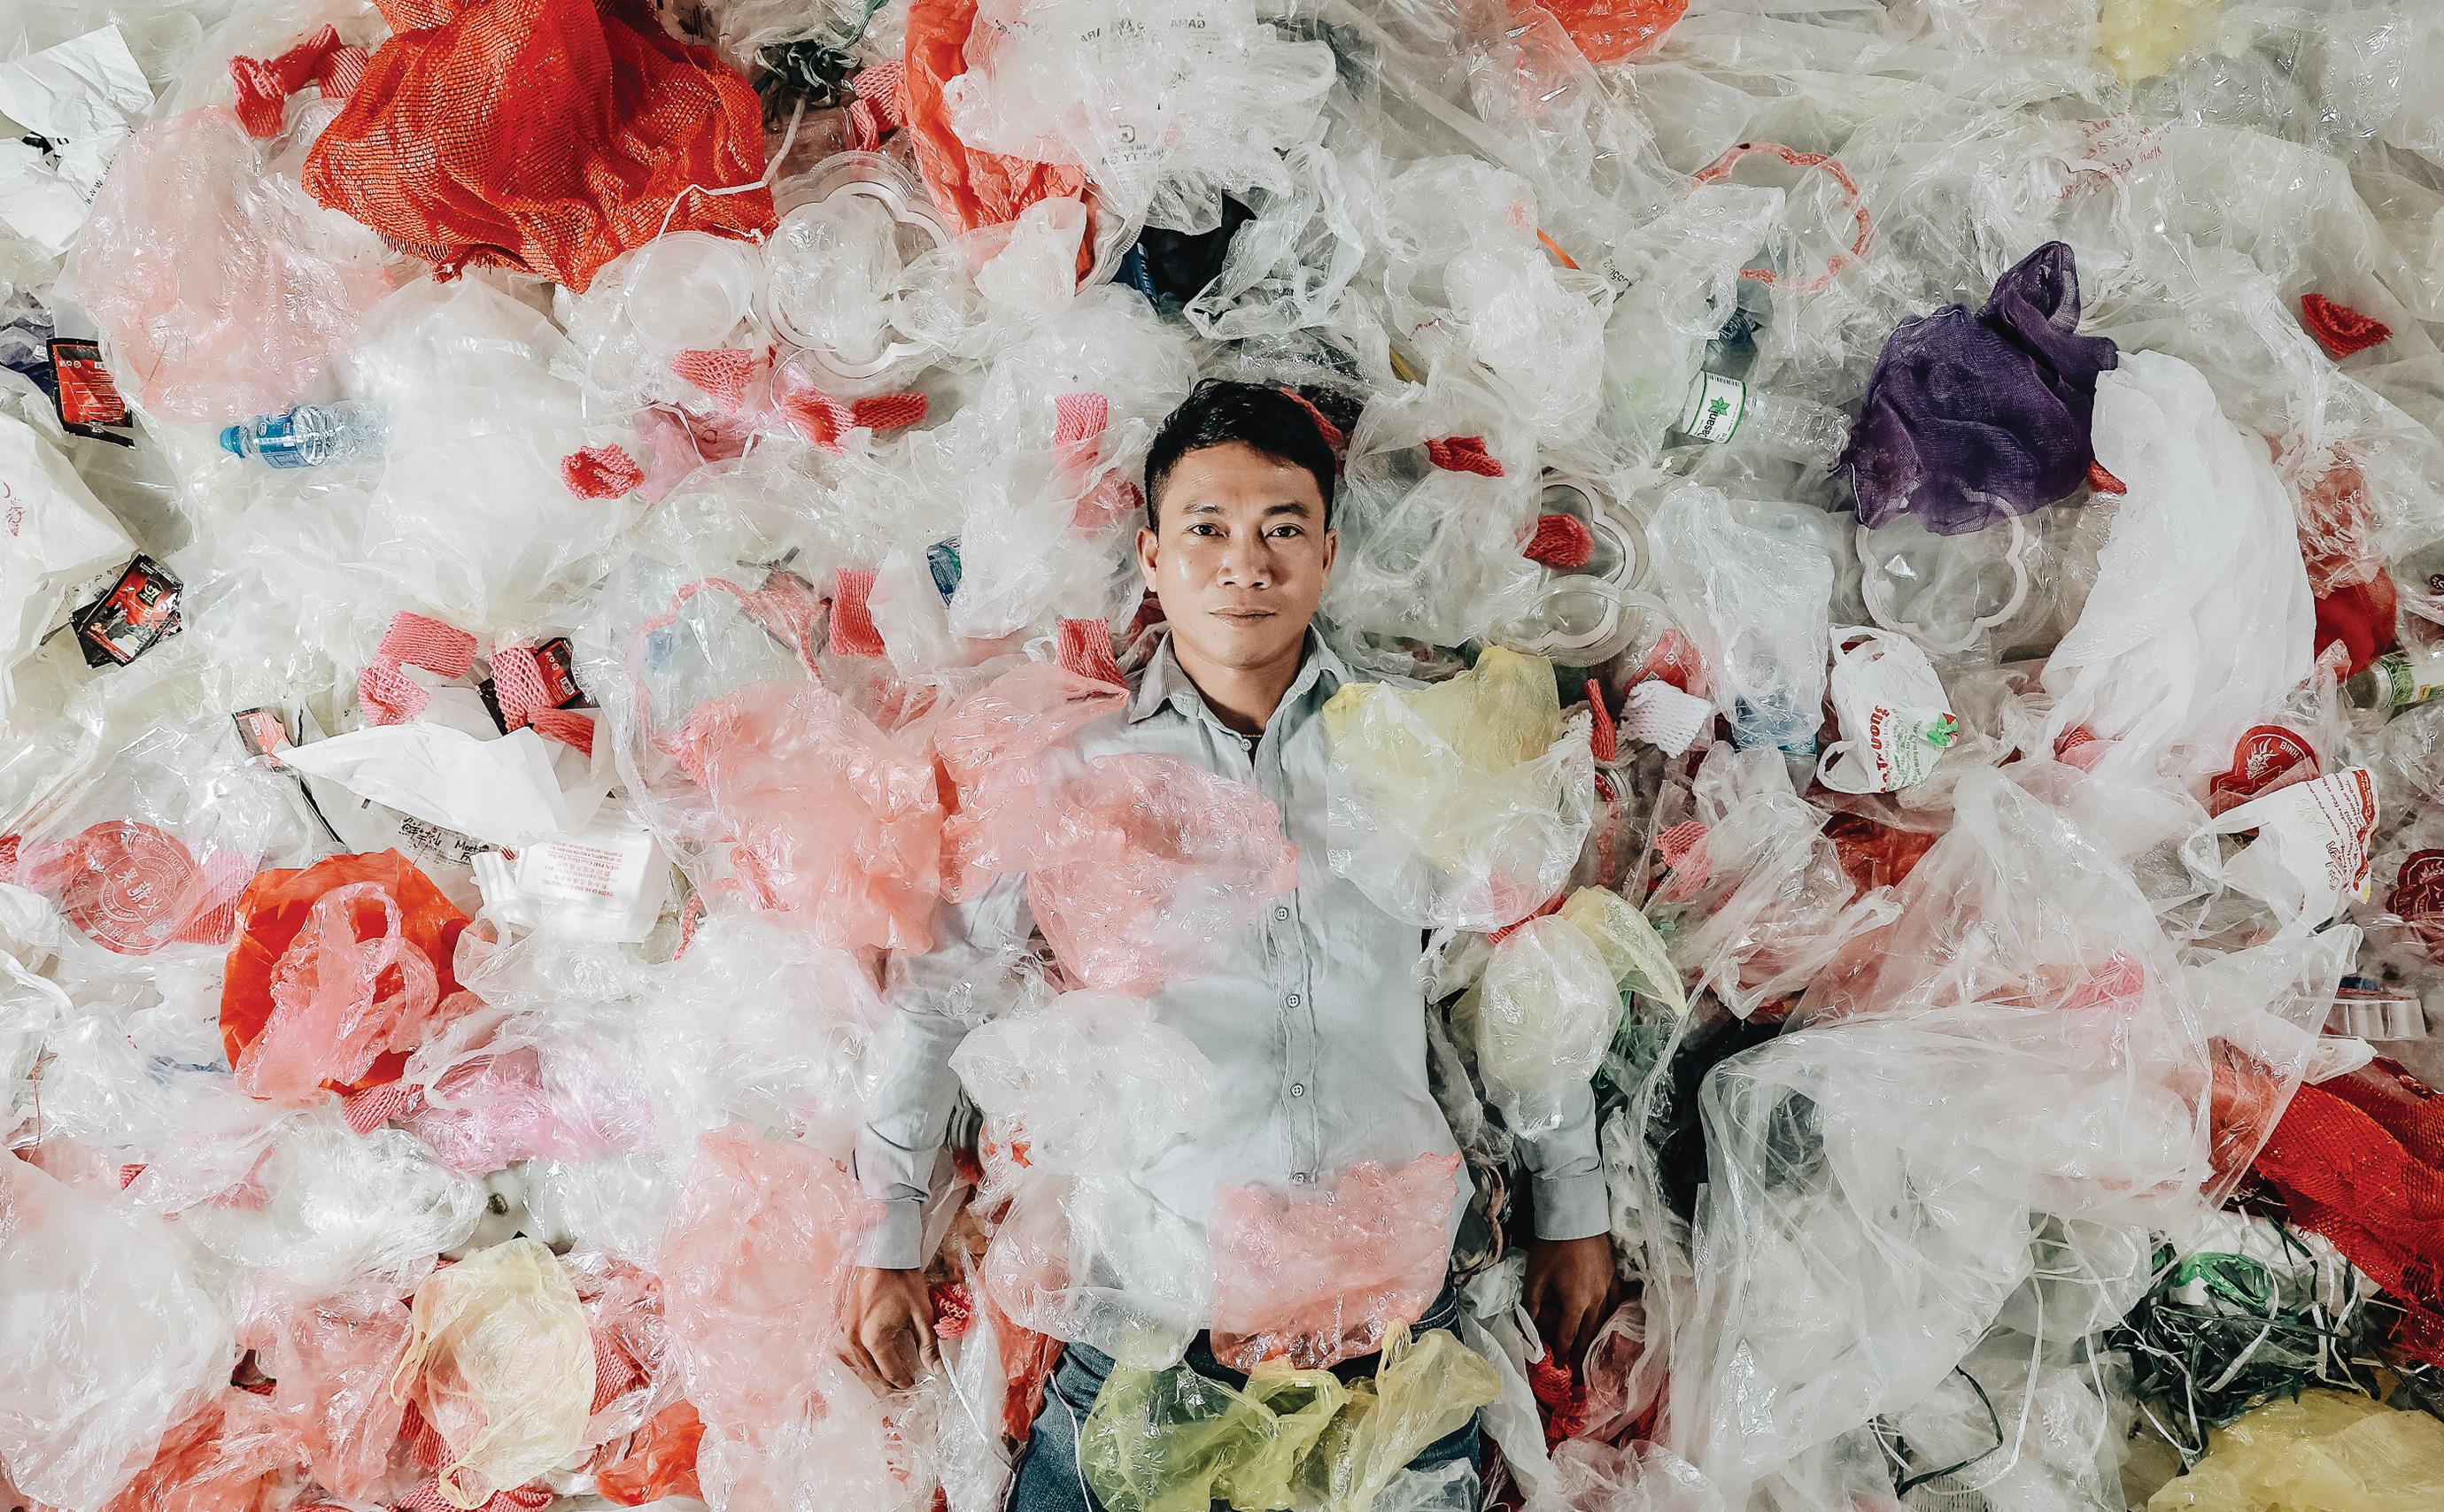 Hành trình cứu biển của nhiếp ảnh gia đi xe máy hơn 7.000km, chụp 3.000 bức ảnh về rác thải nhựa - Ảnh 16.